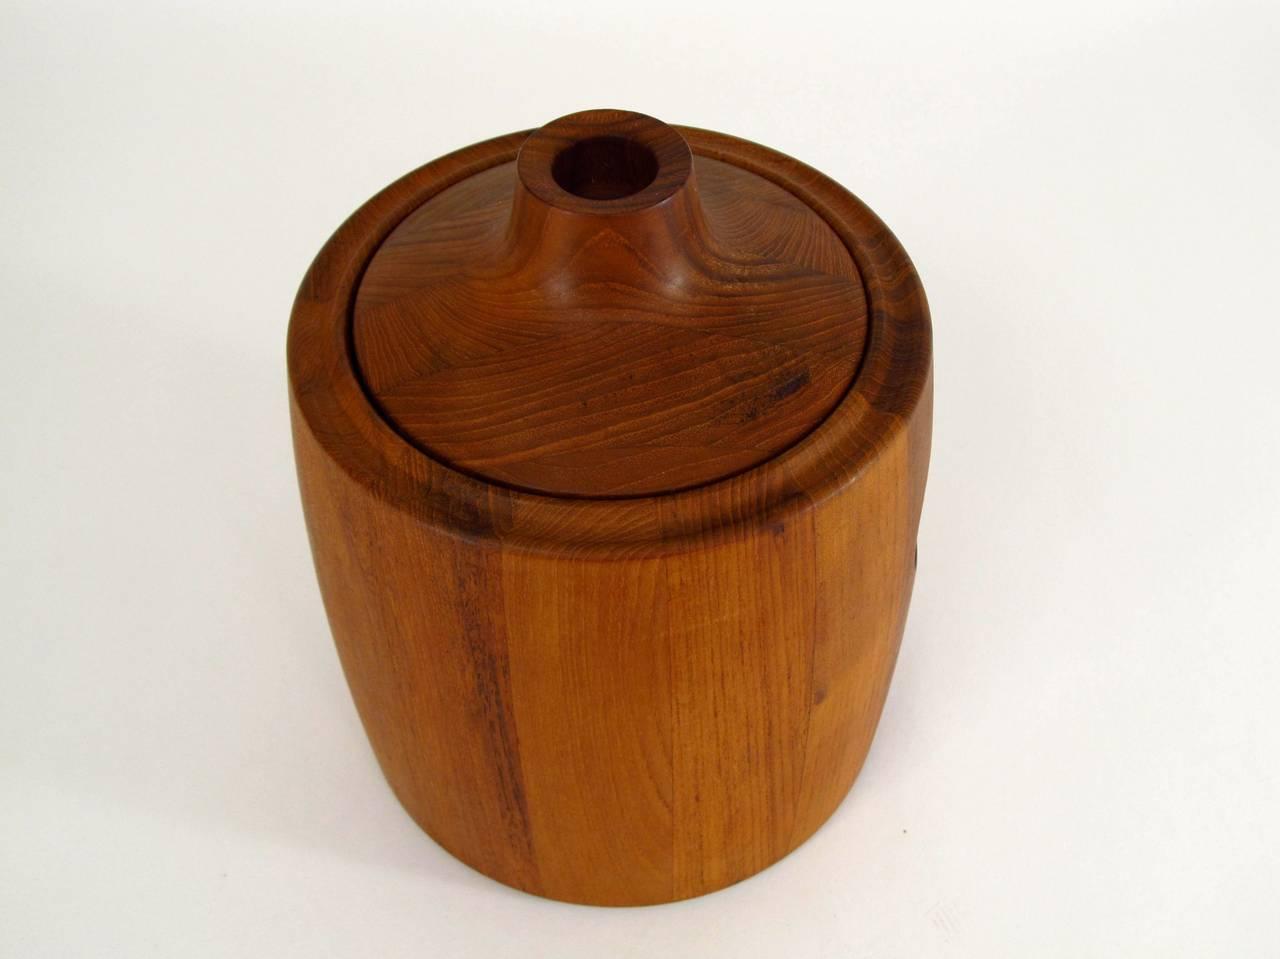 Henning Koppel Designed Teak Ice Bucket for Georg Jensen 3